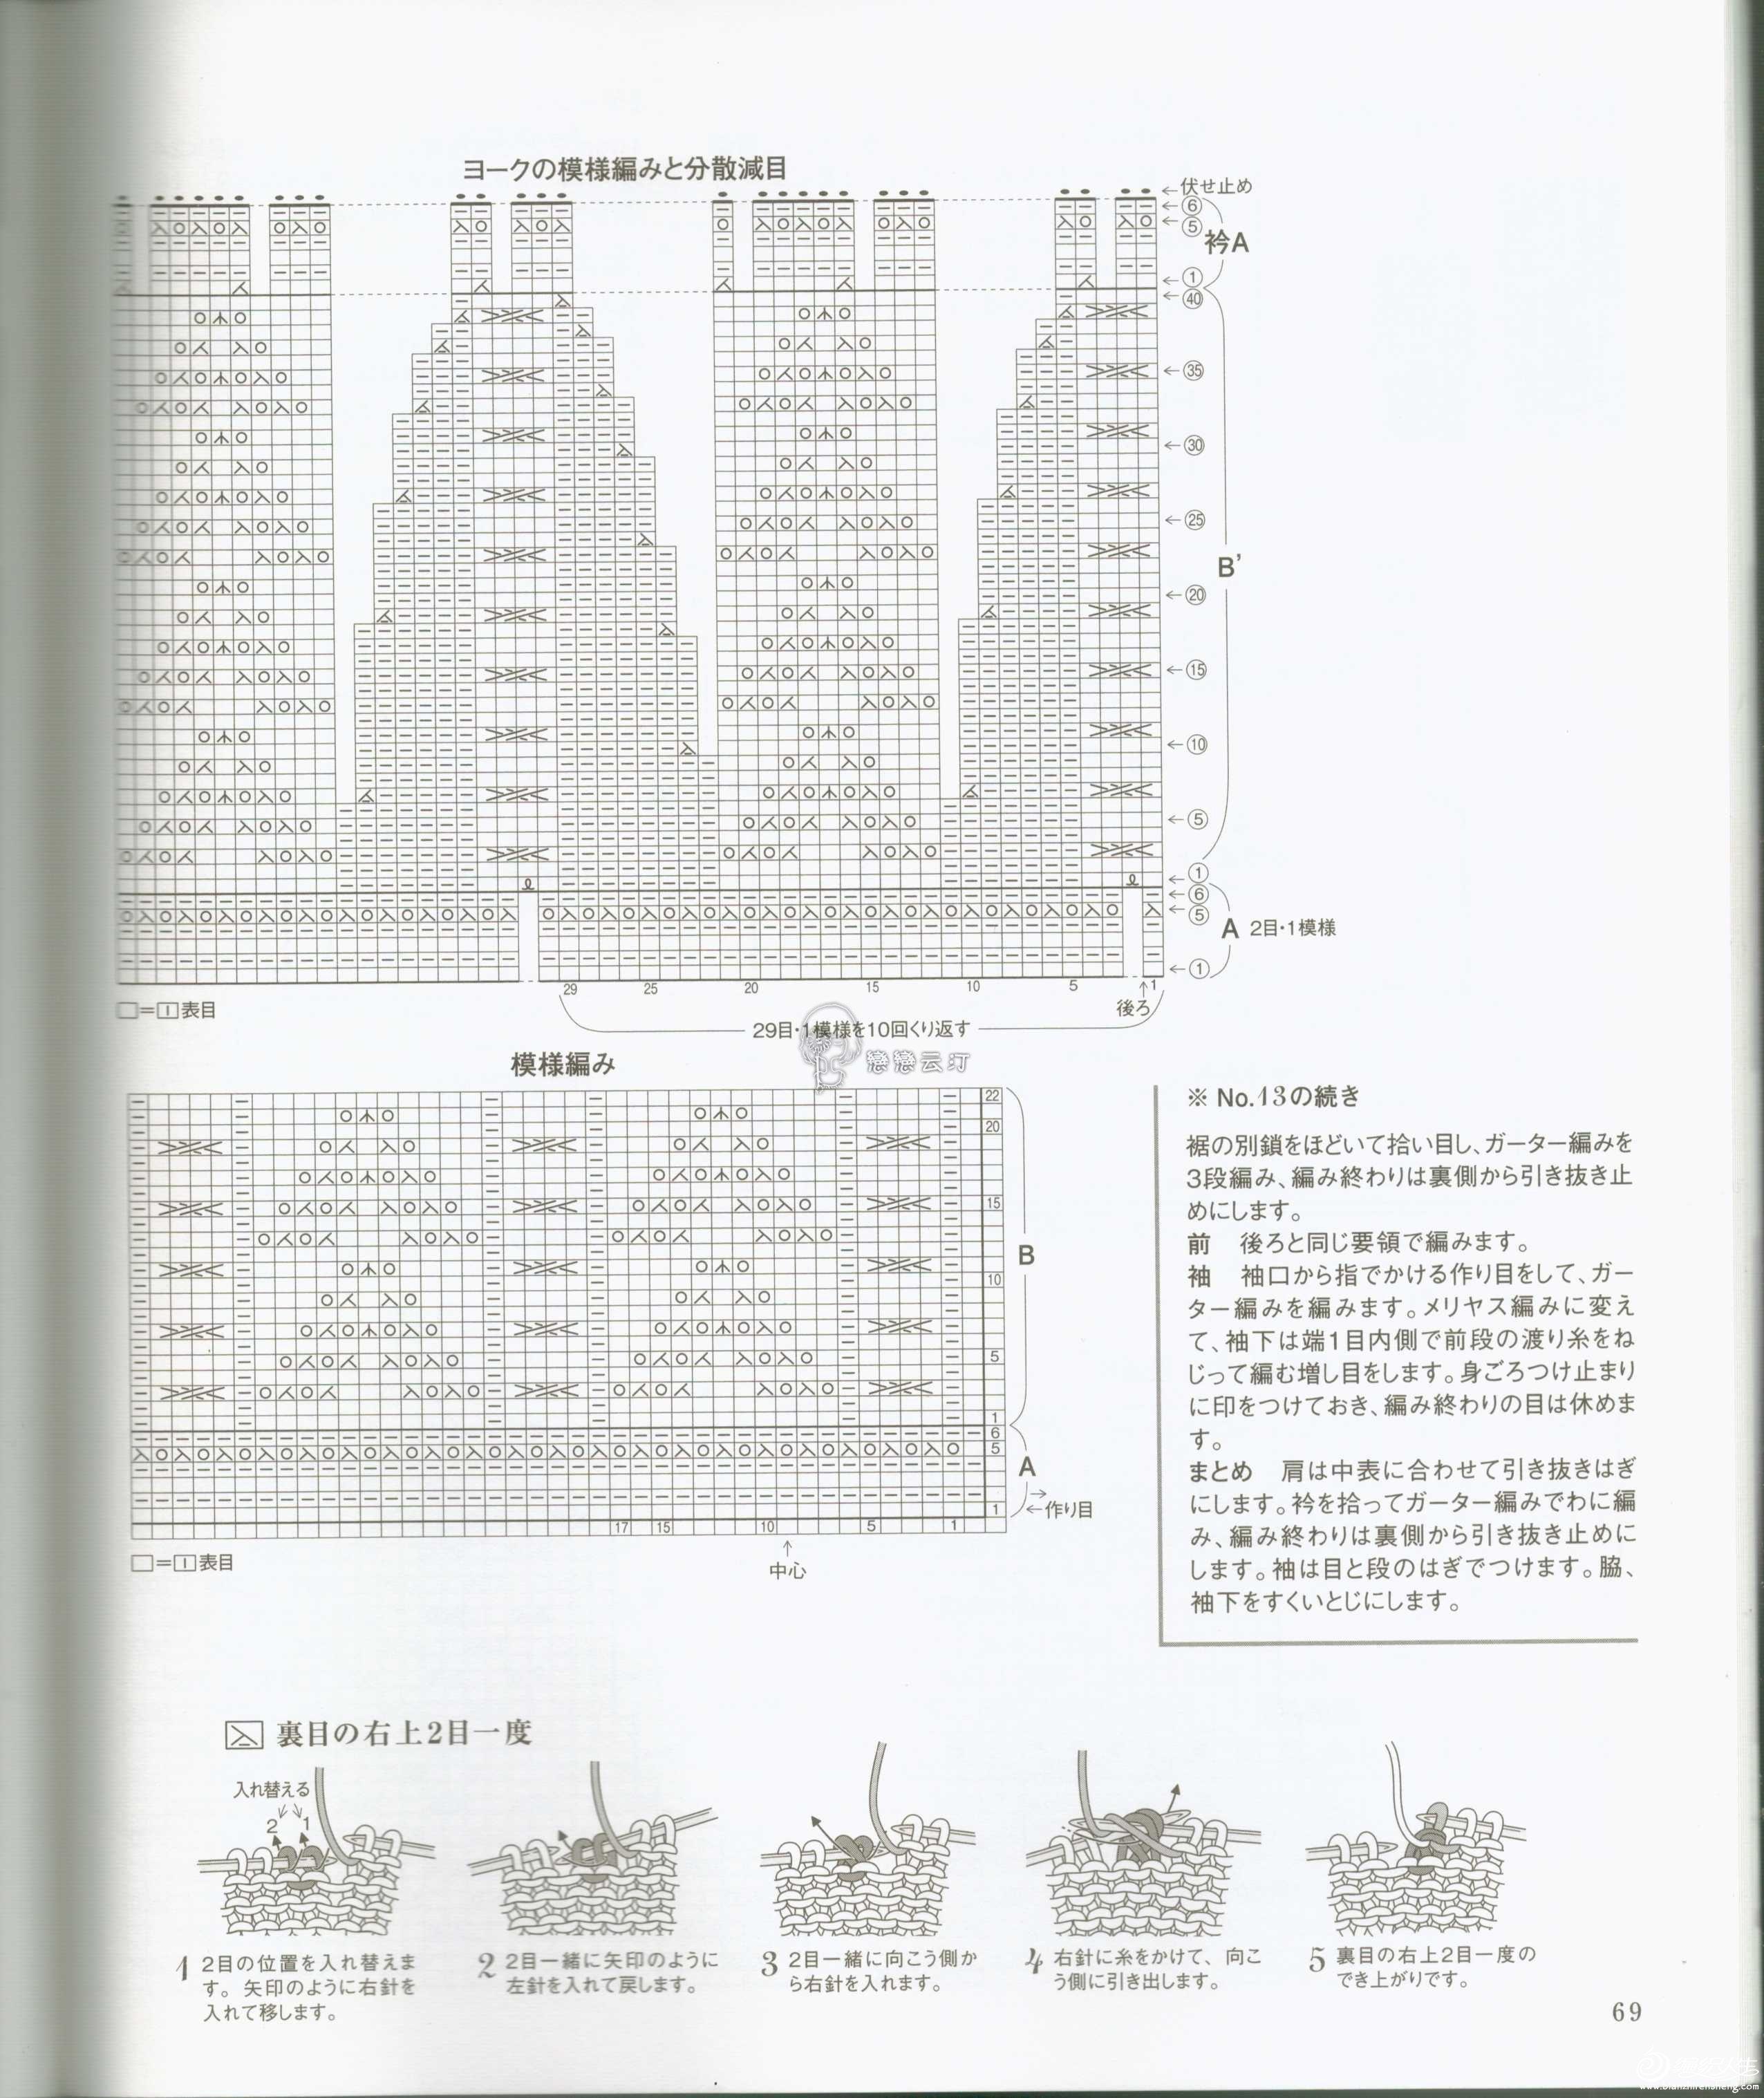 轻语图解3(未修改前).jpg